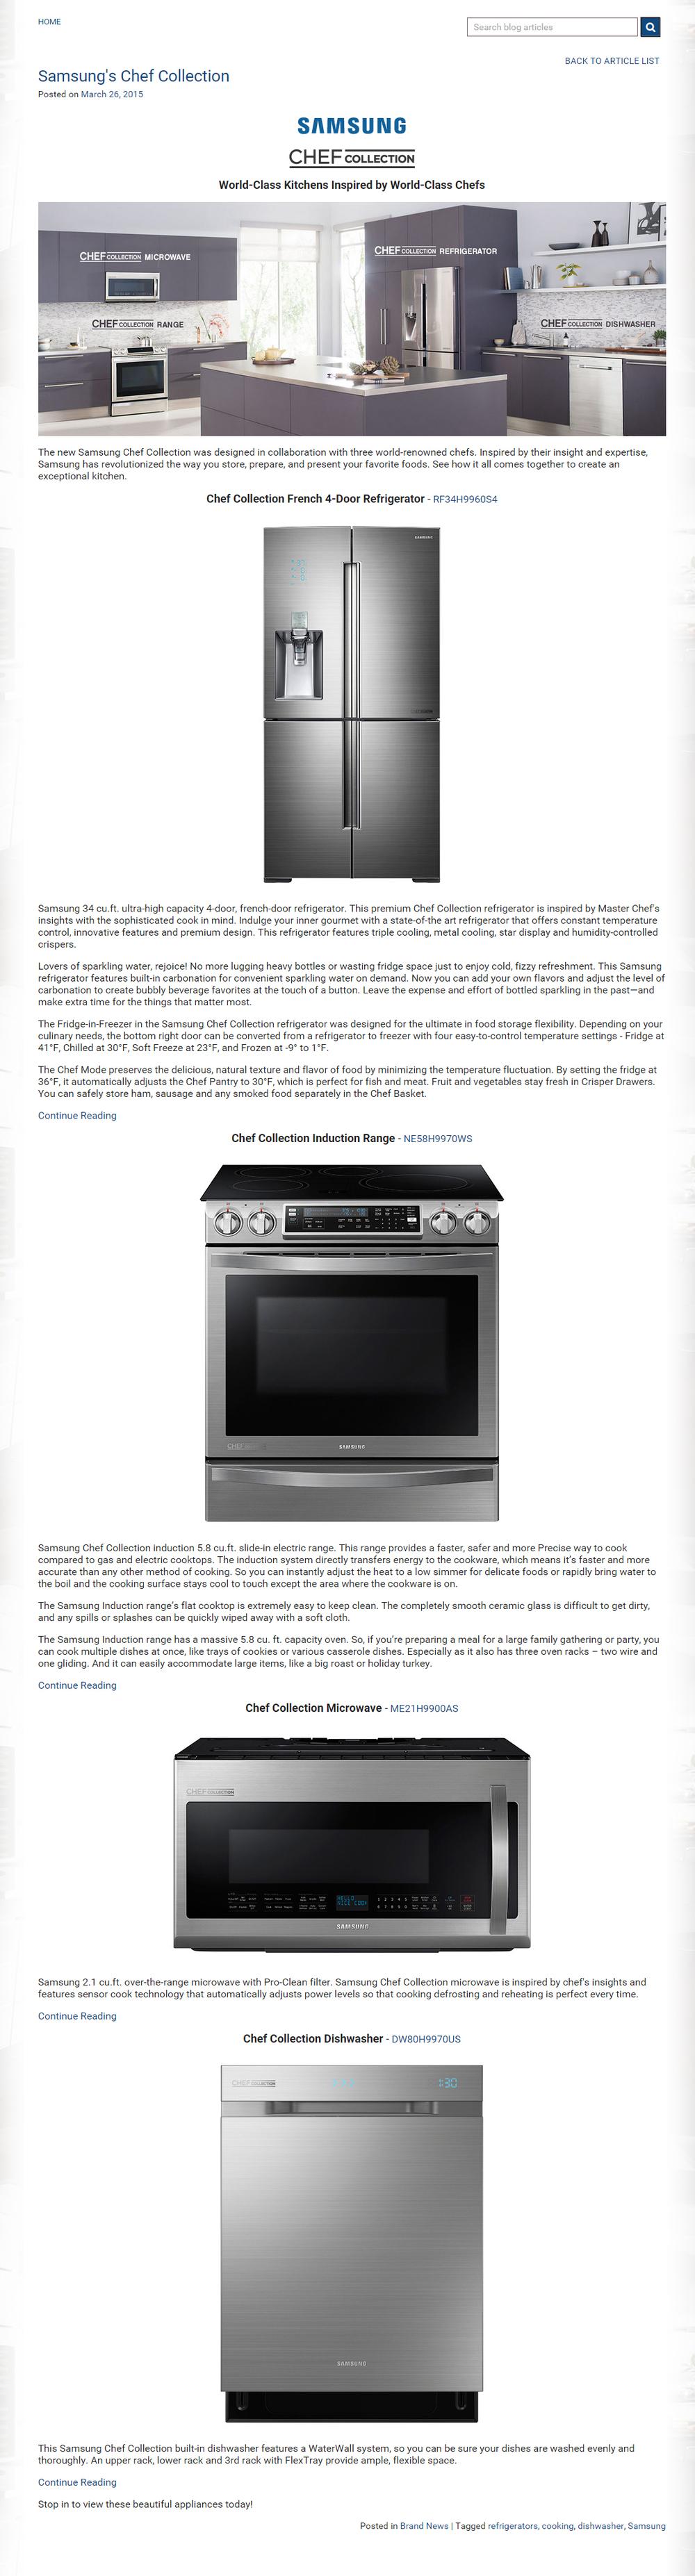 SamsungsChefCollectionBlog.jpg